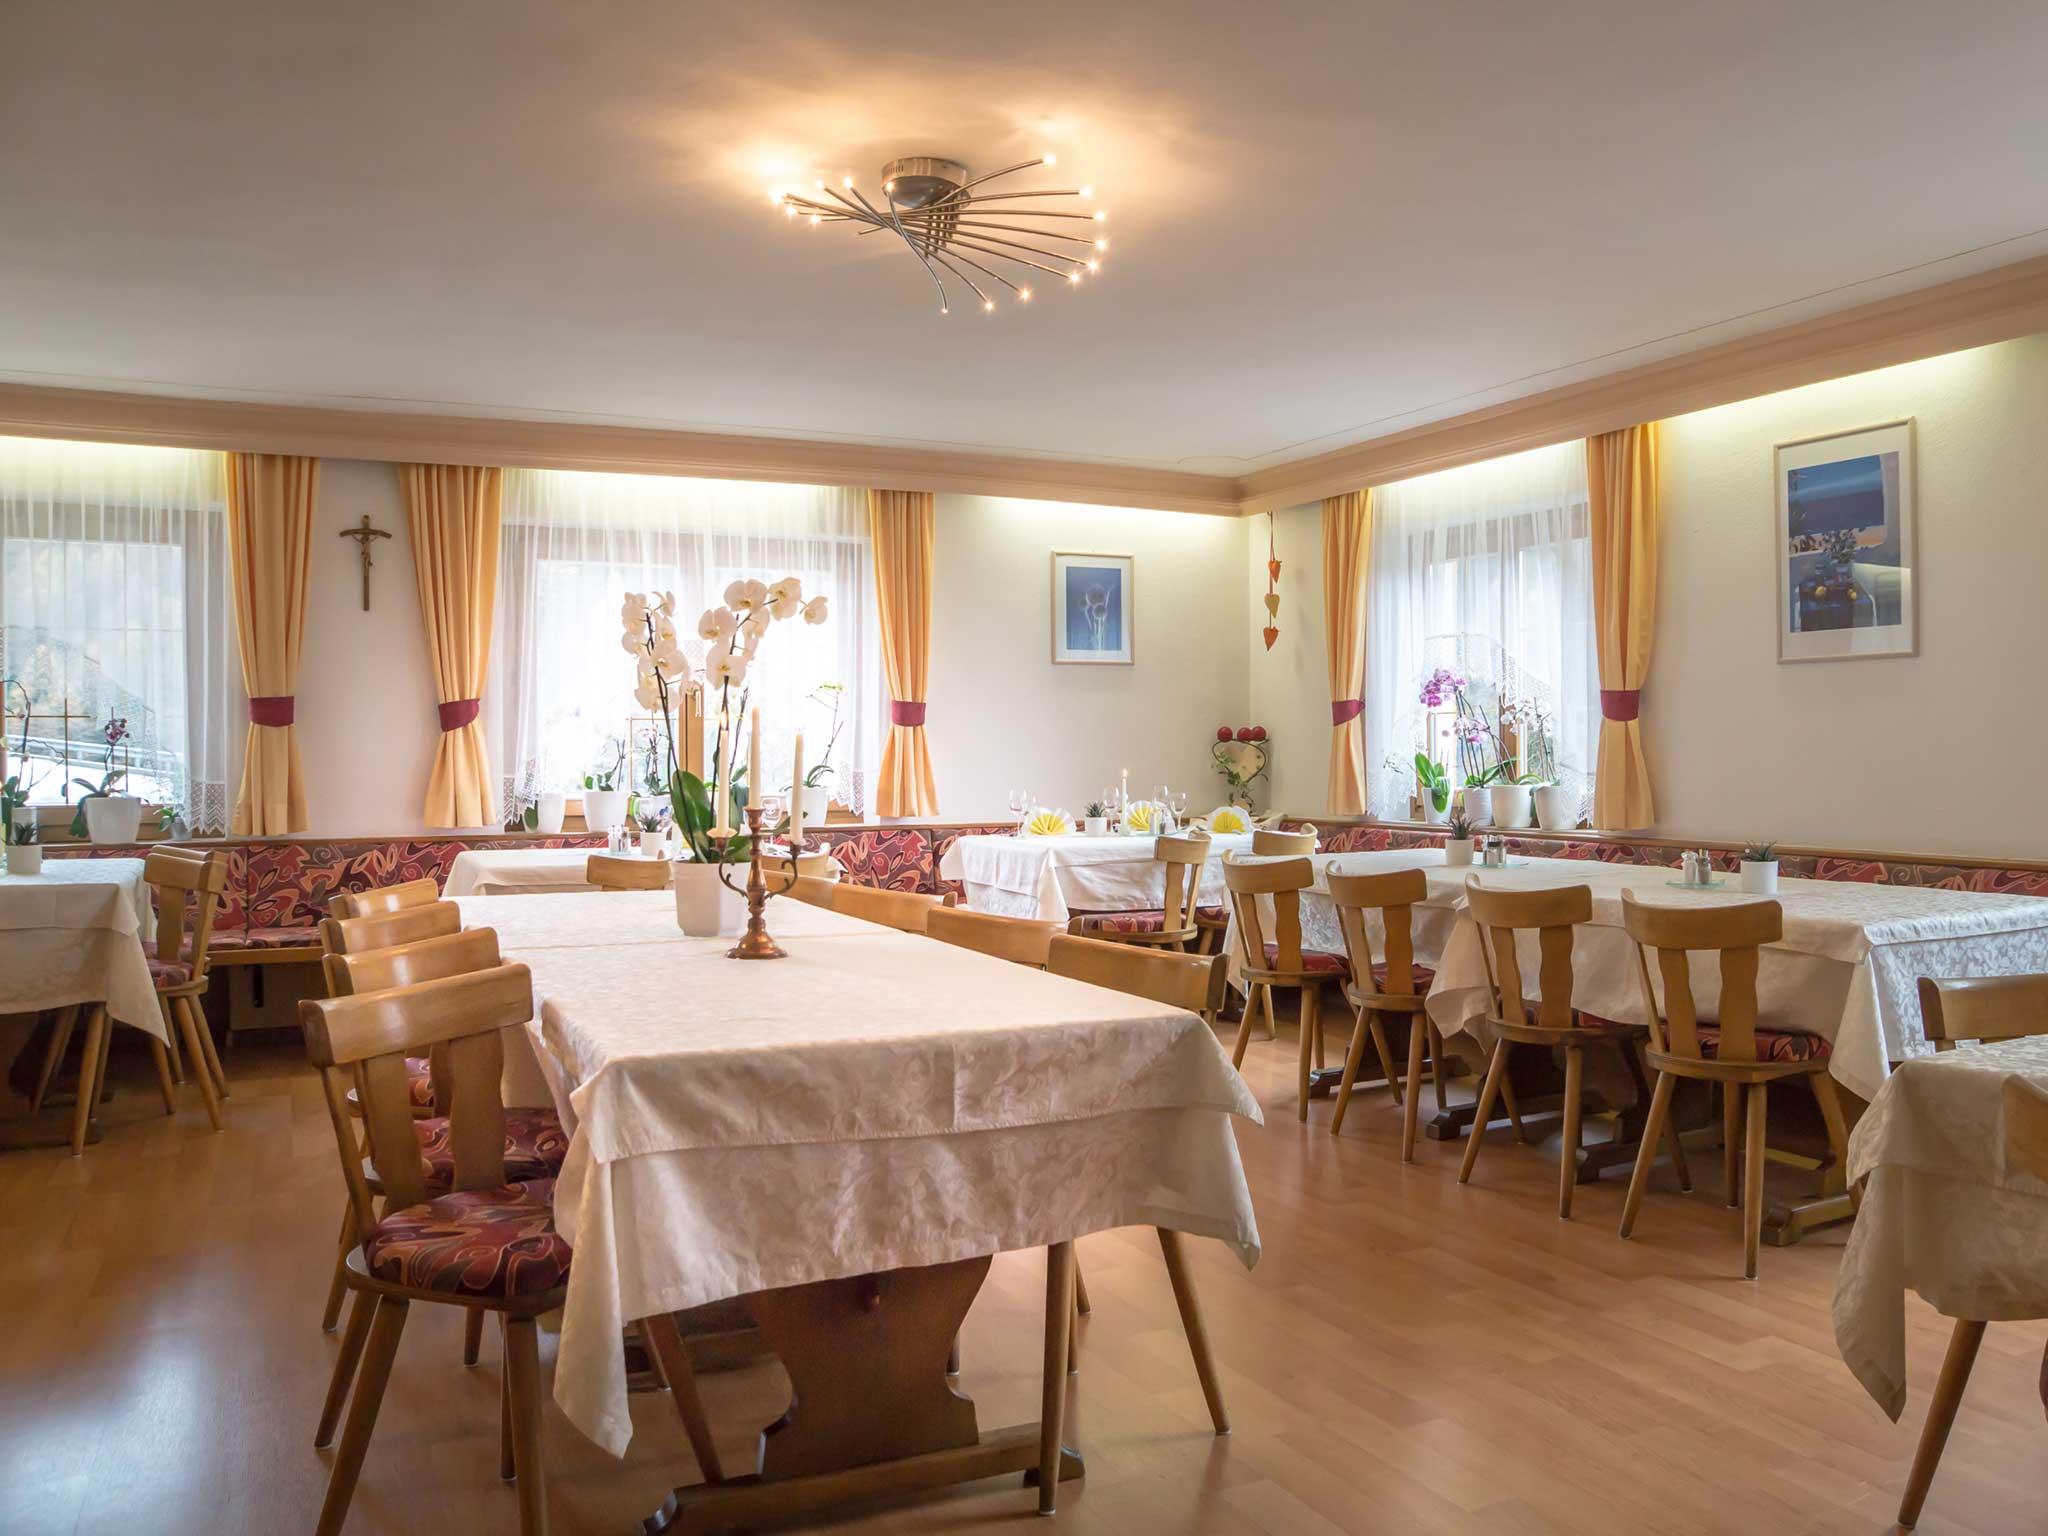 Speisesaal Restaurant Aloenfriede